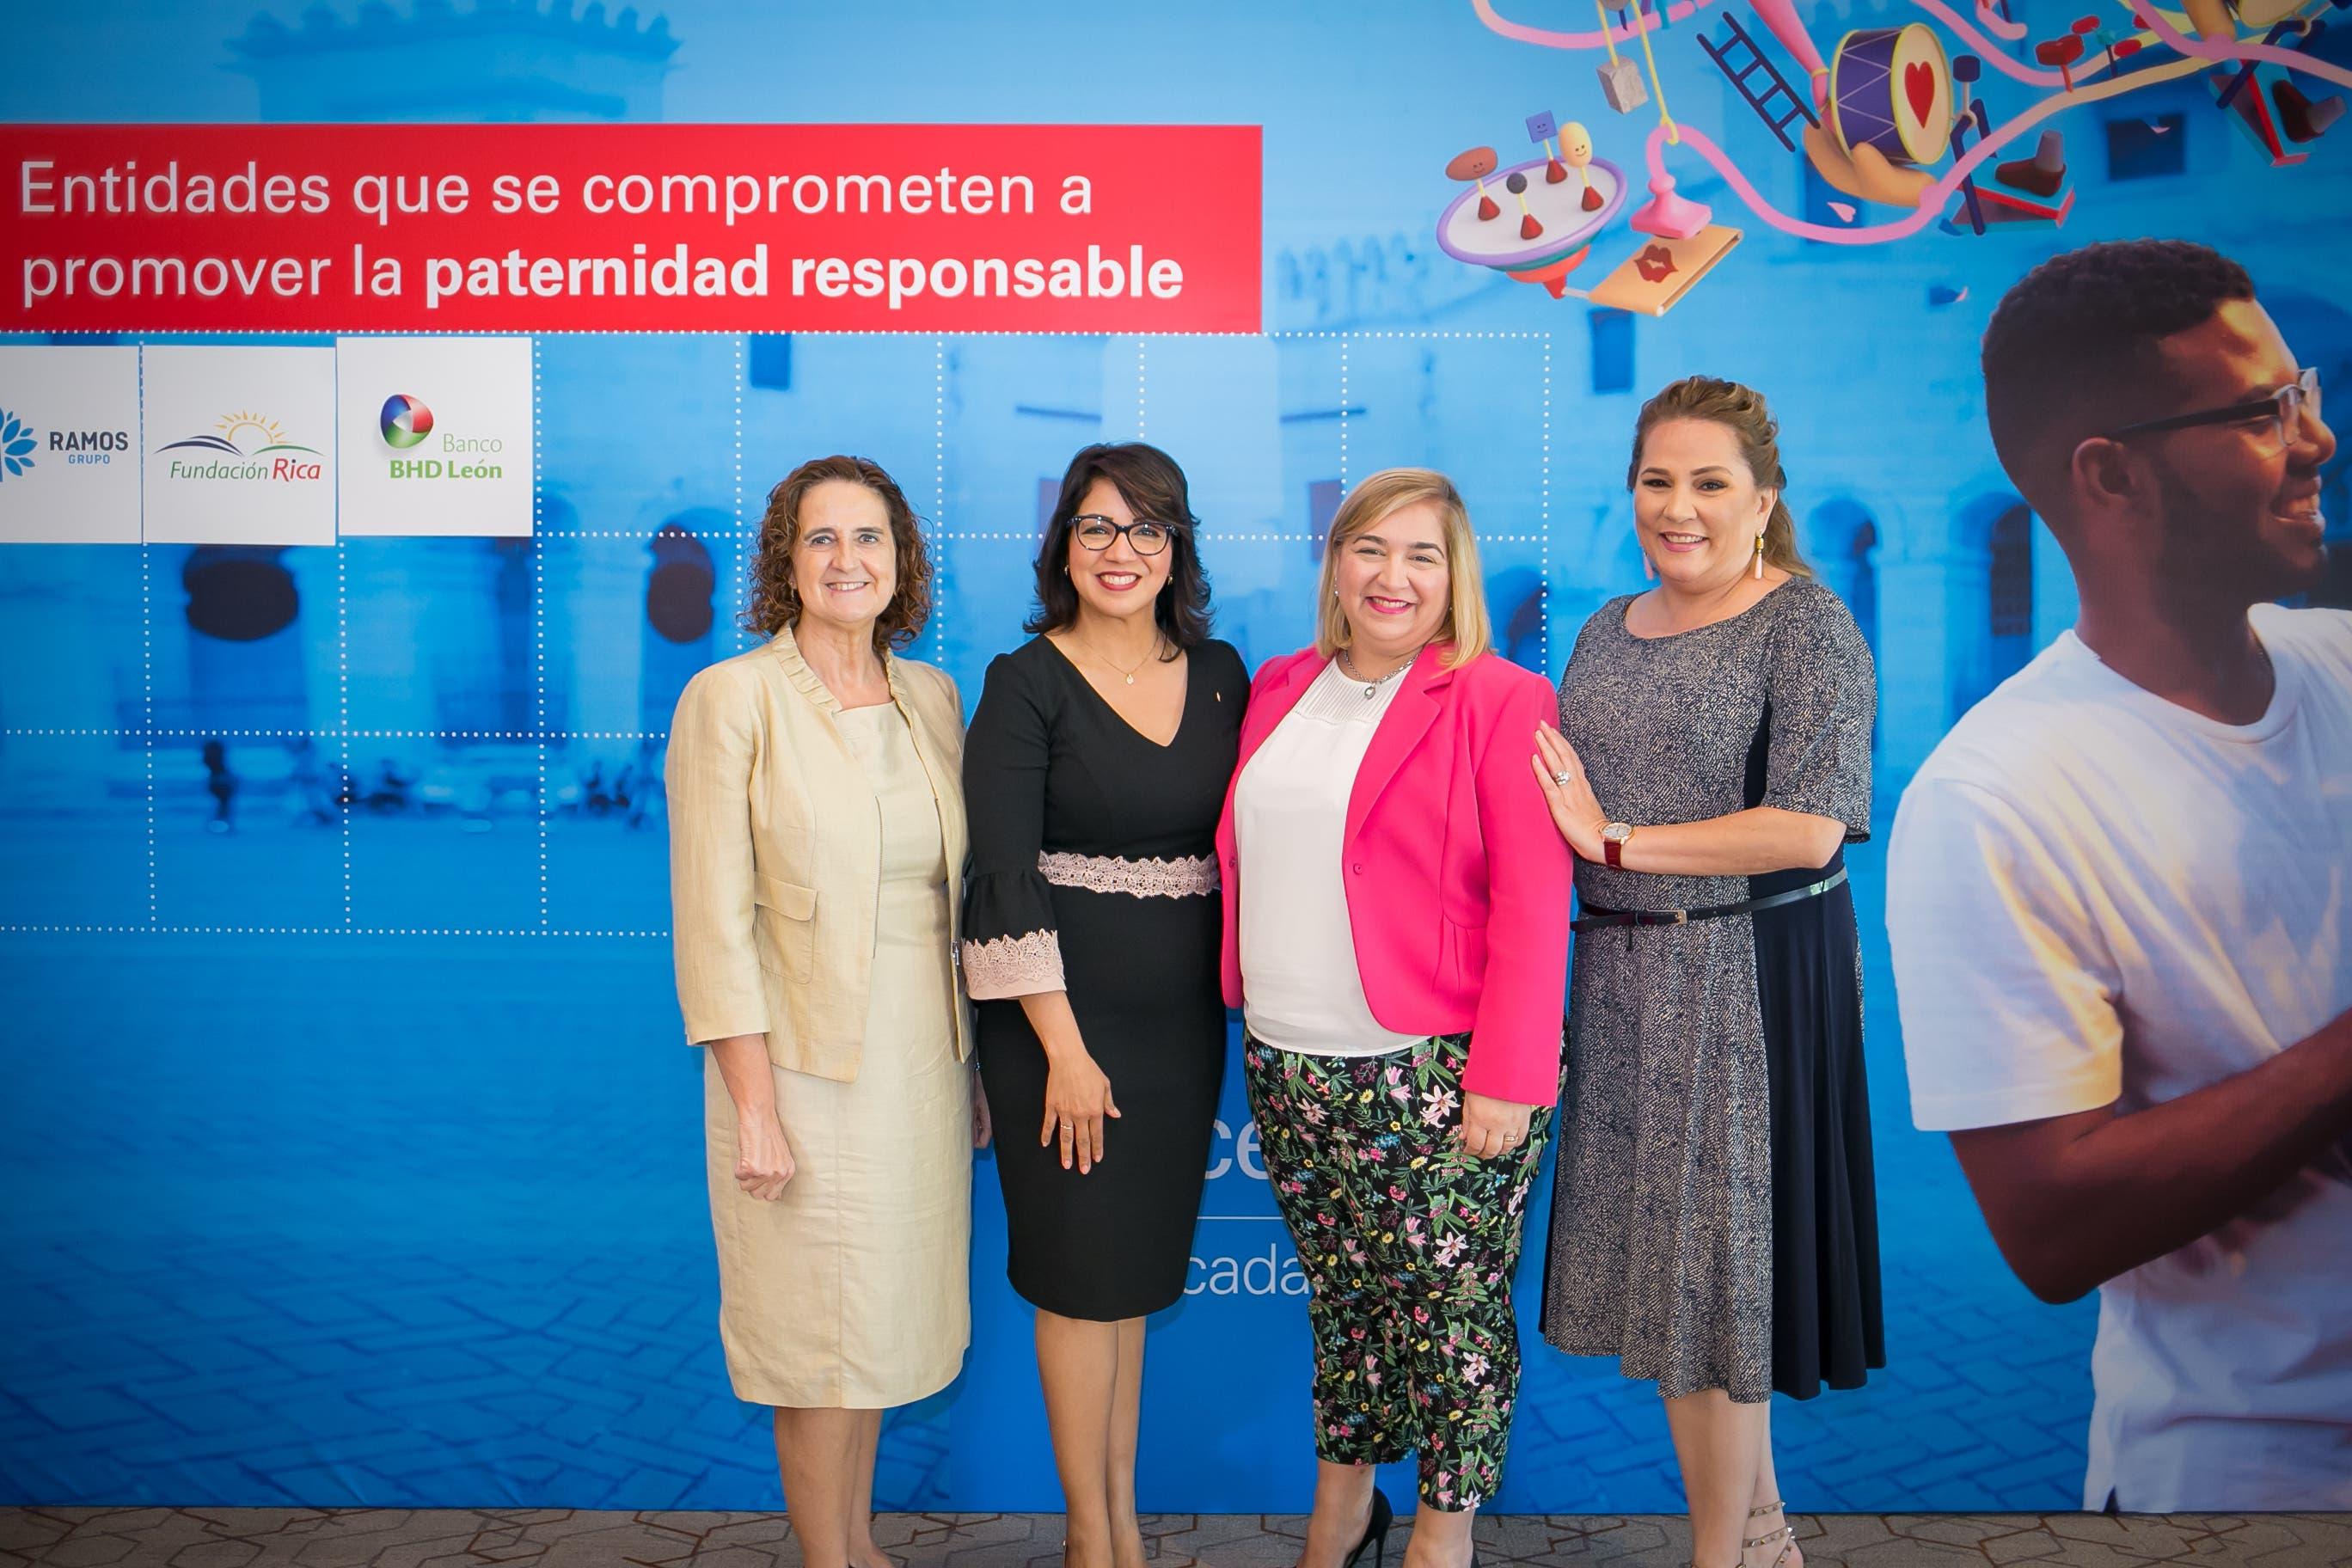 UNICEF felicita al banco BHD León por extensión de licencia por paternidad a 10 días